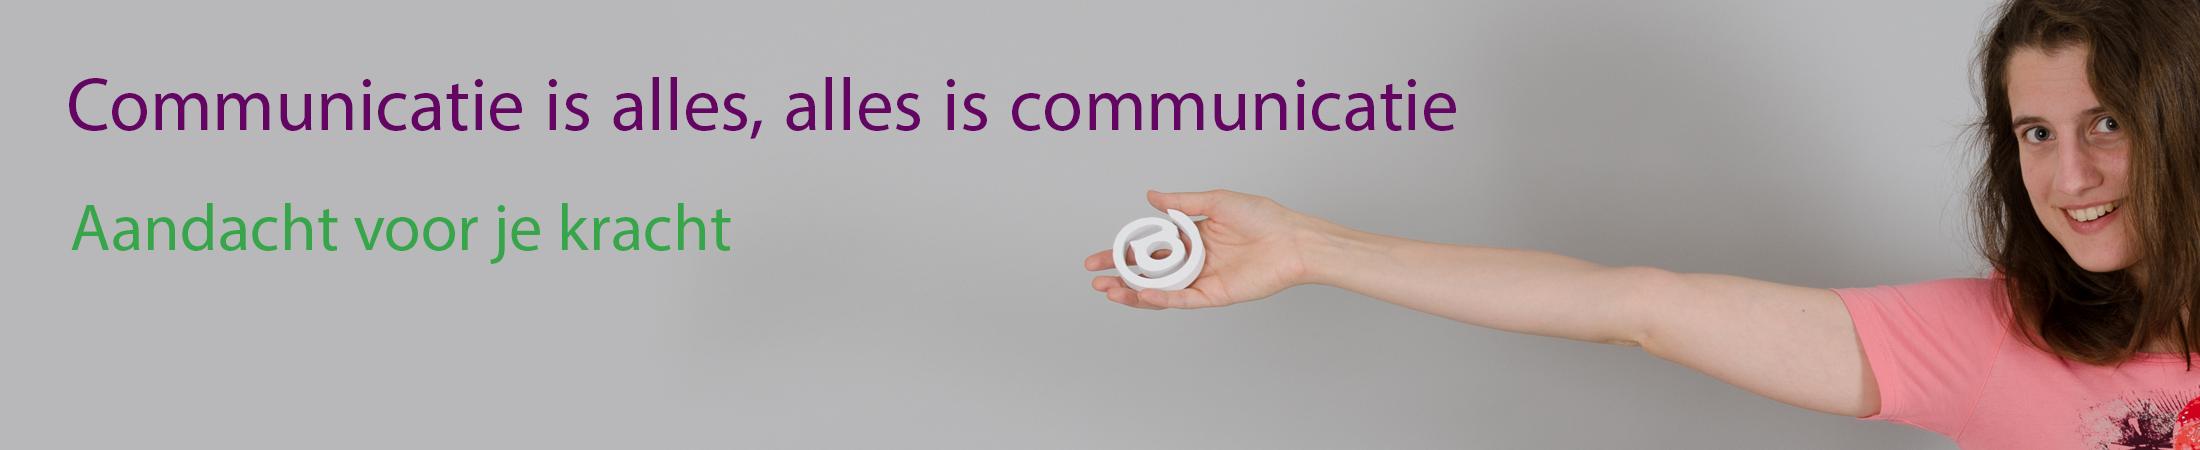 Communicatie is alles, alles is communicatie